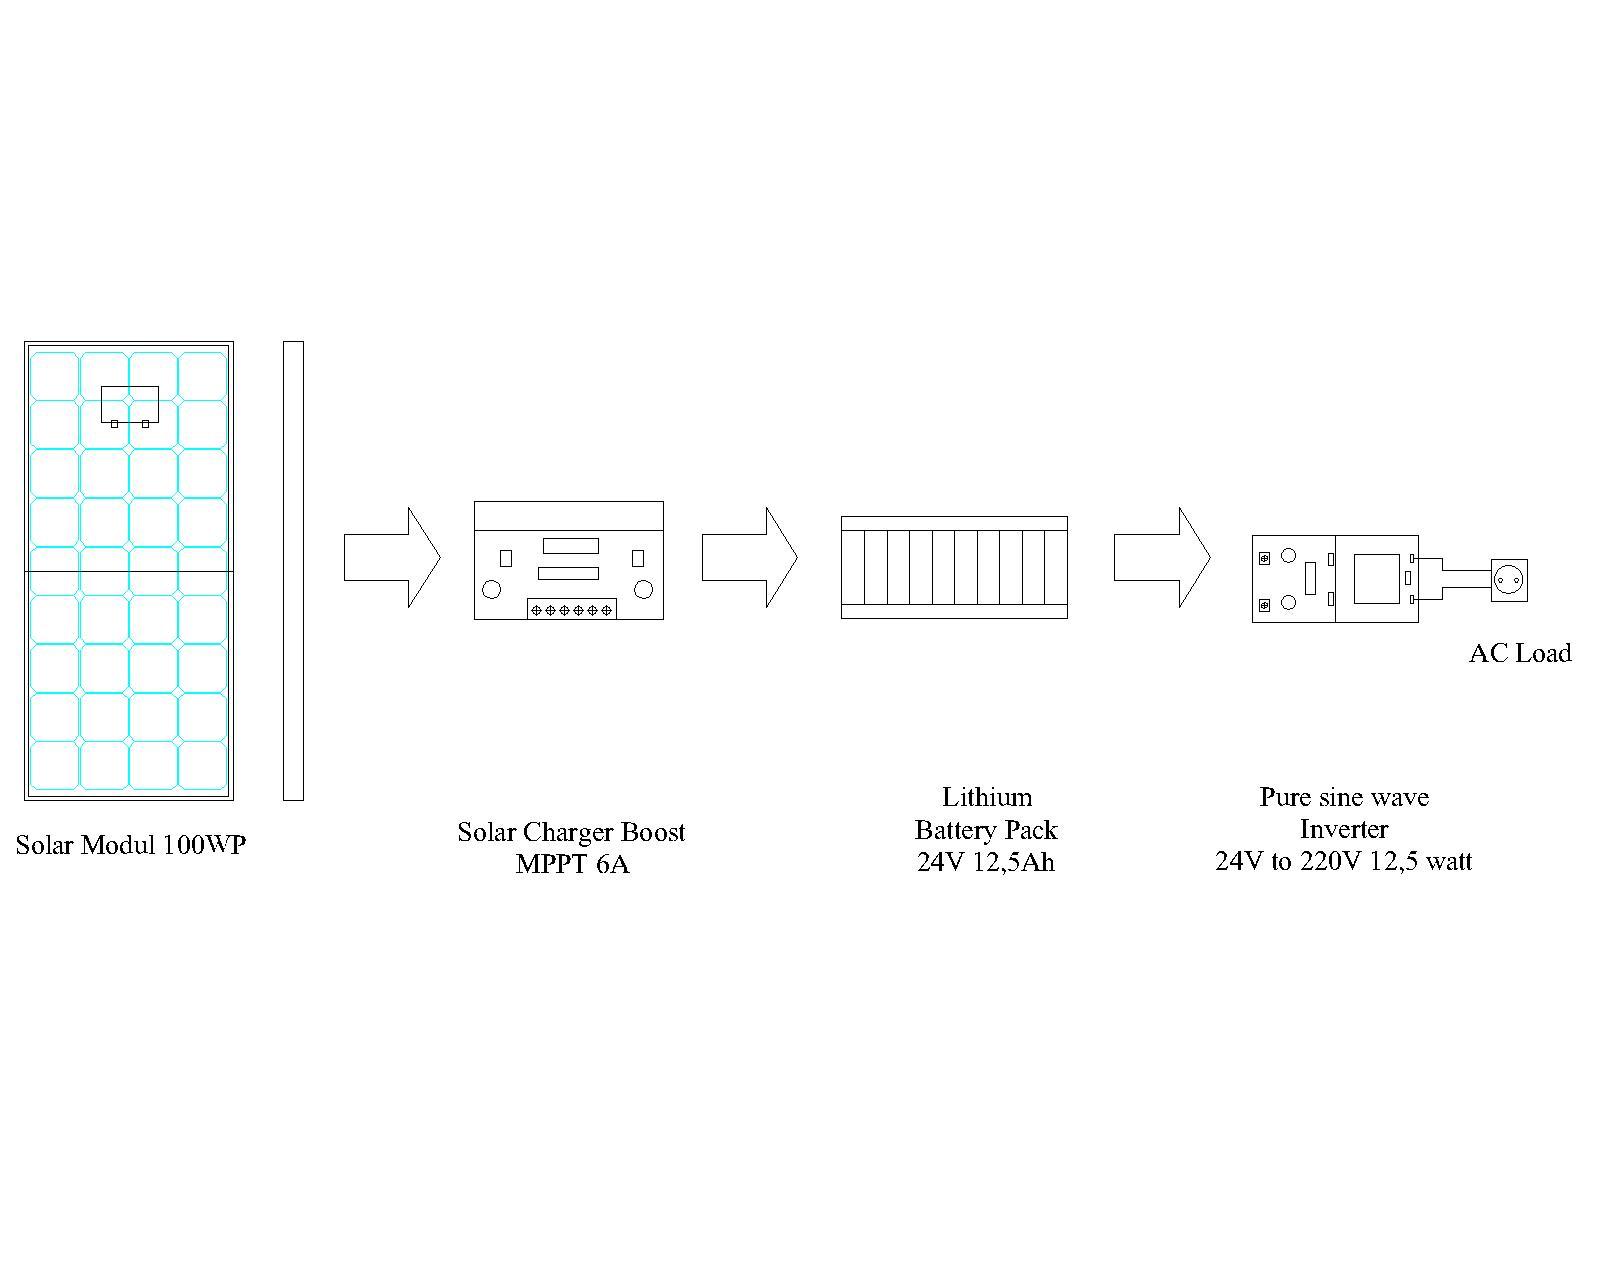 Solar Modul Dirangkai Secara Series Maka Satu Rangkaian Arusnya Akan Ikut Turun Kehandalan System Teruji Dibandingkan Dengan Pemilihan